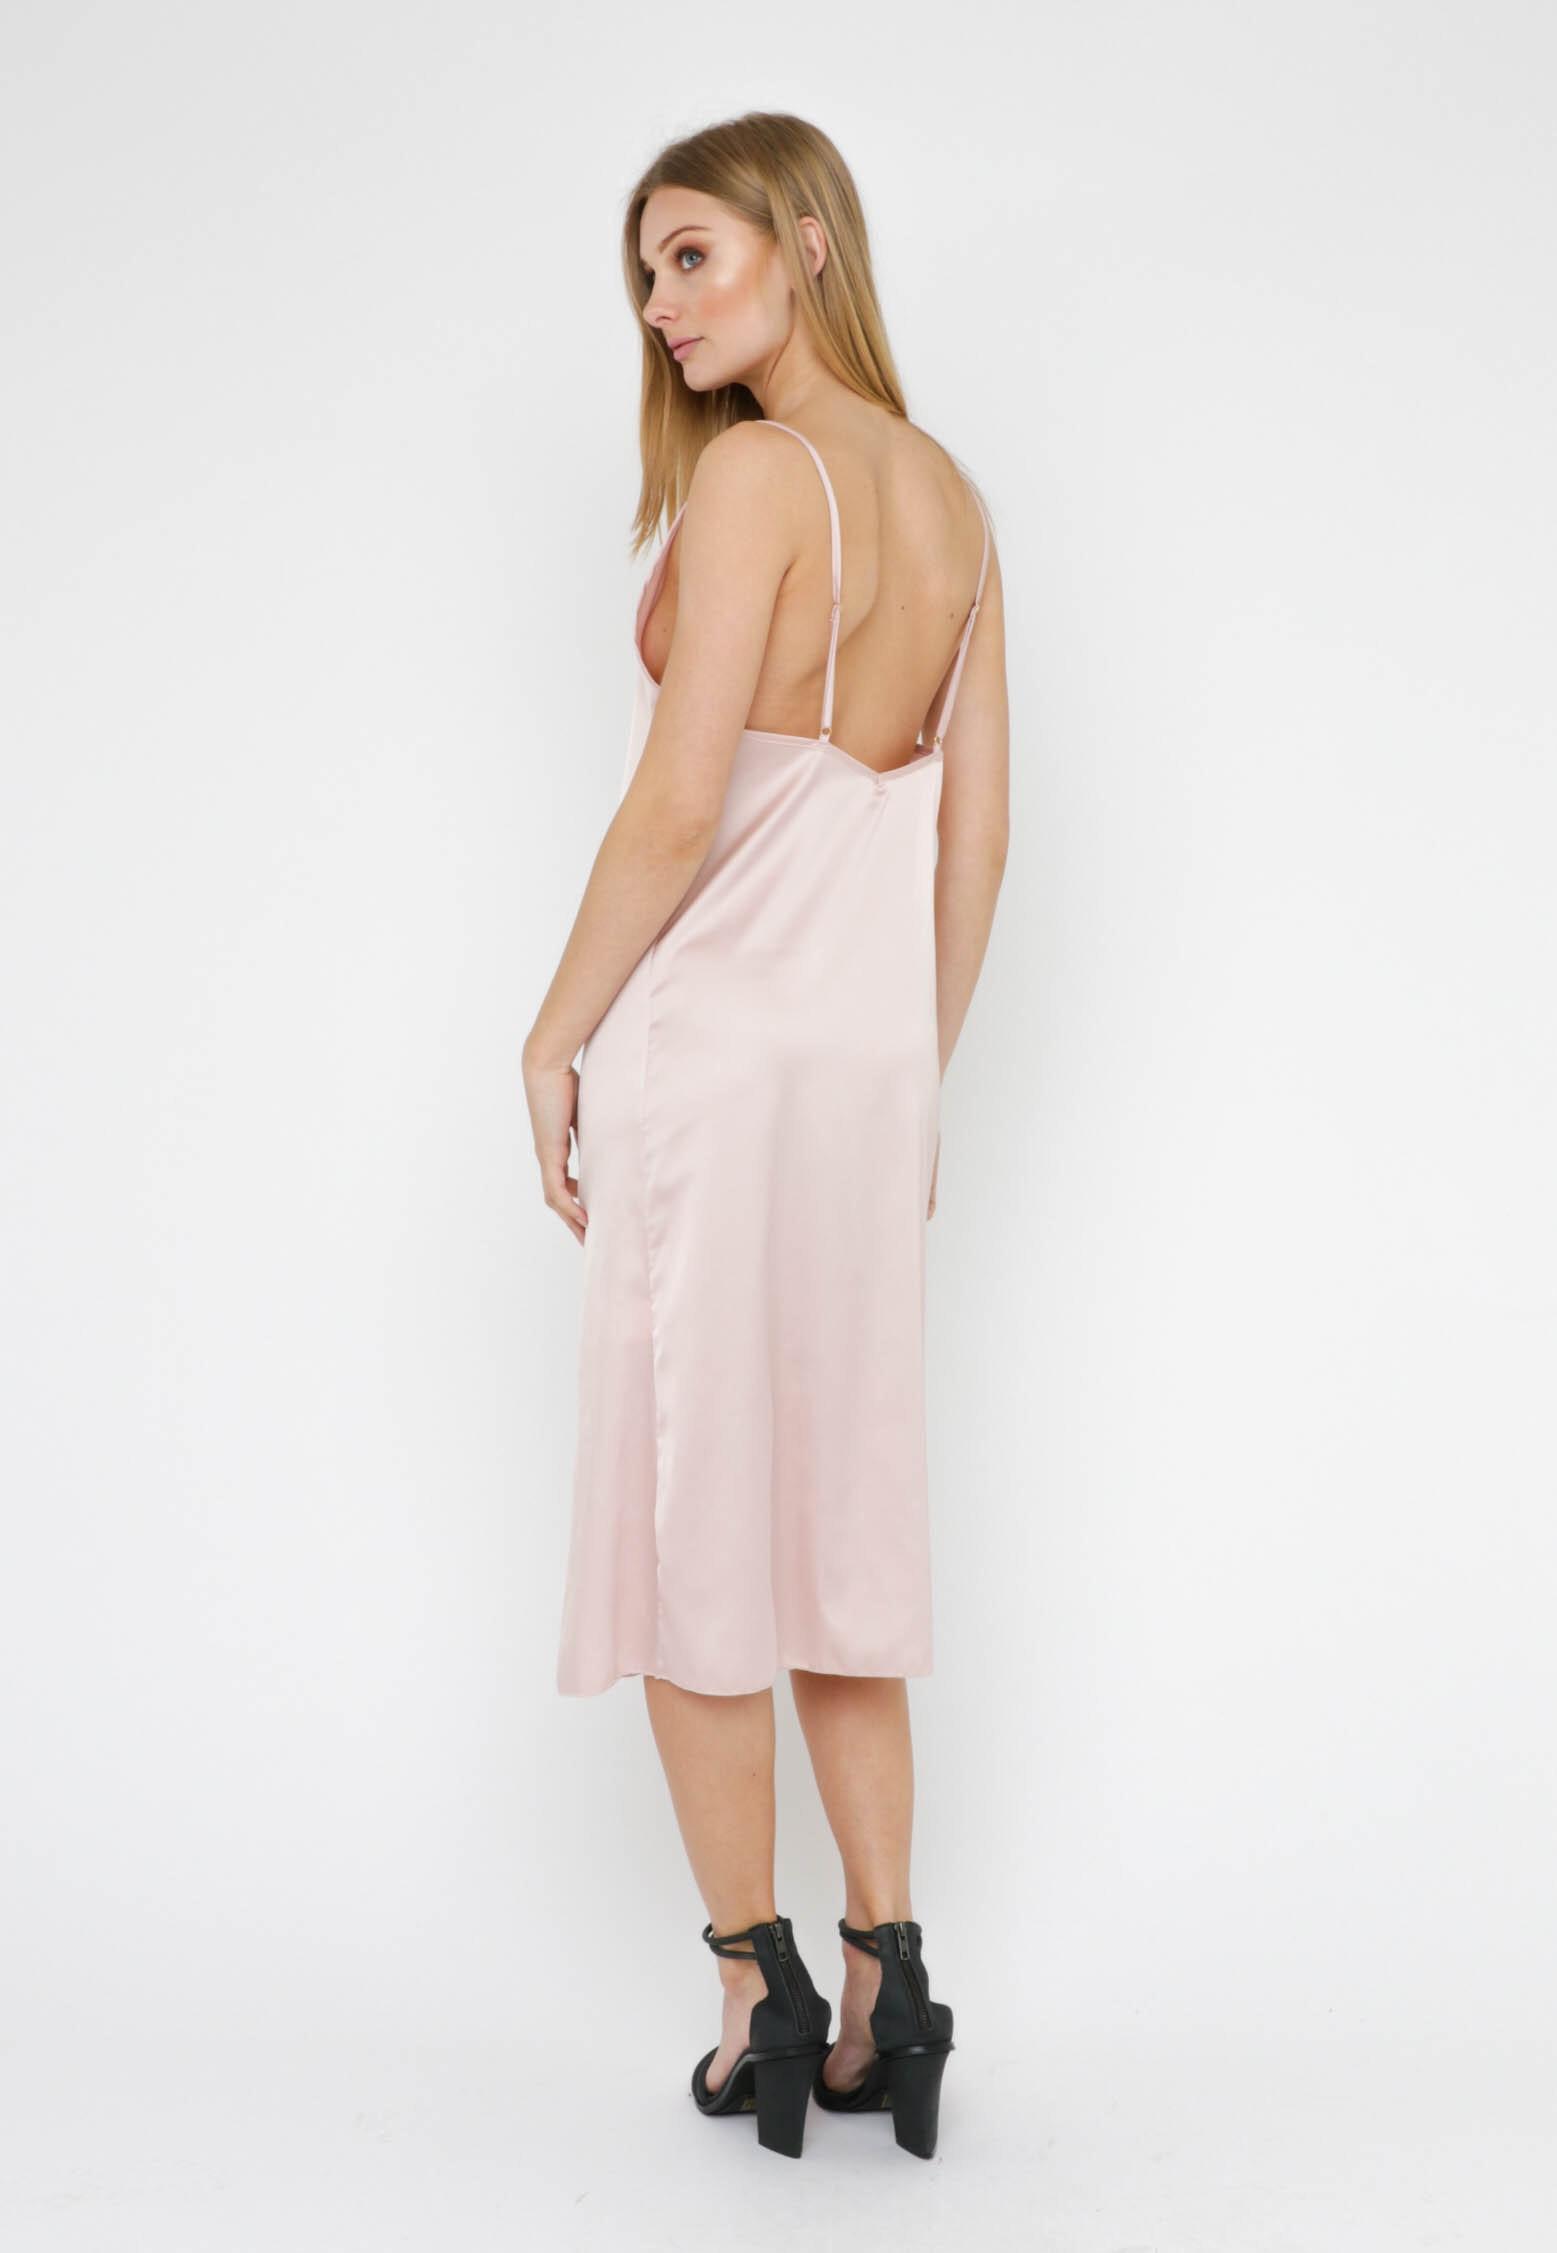 Lucelle Slip Dress - Rose/ Champagne